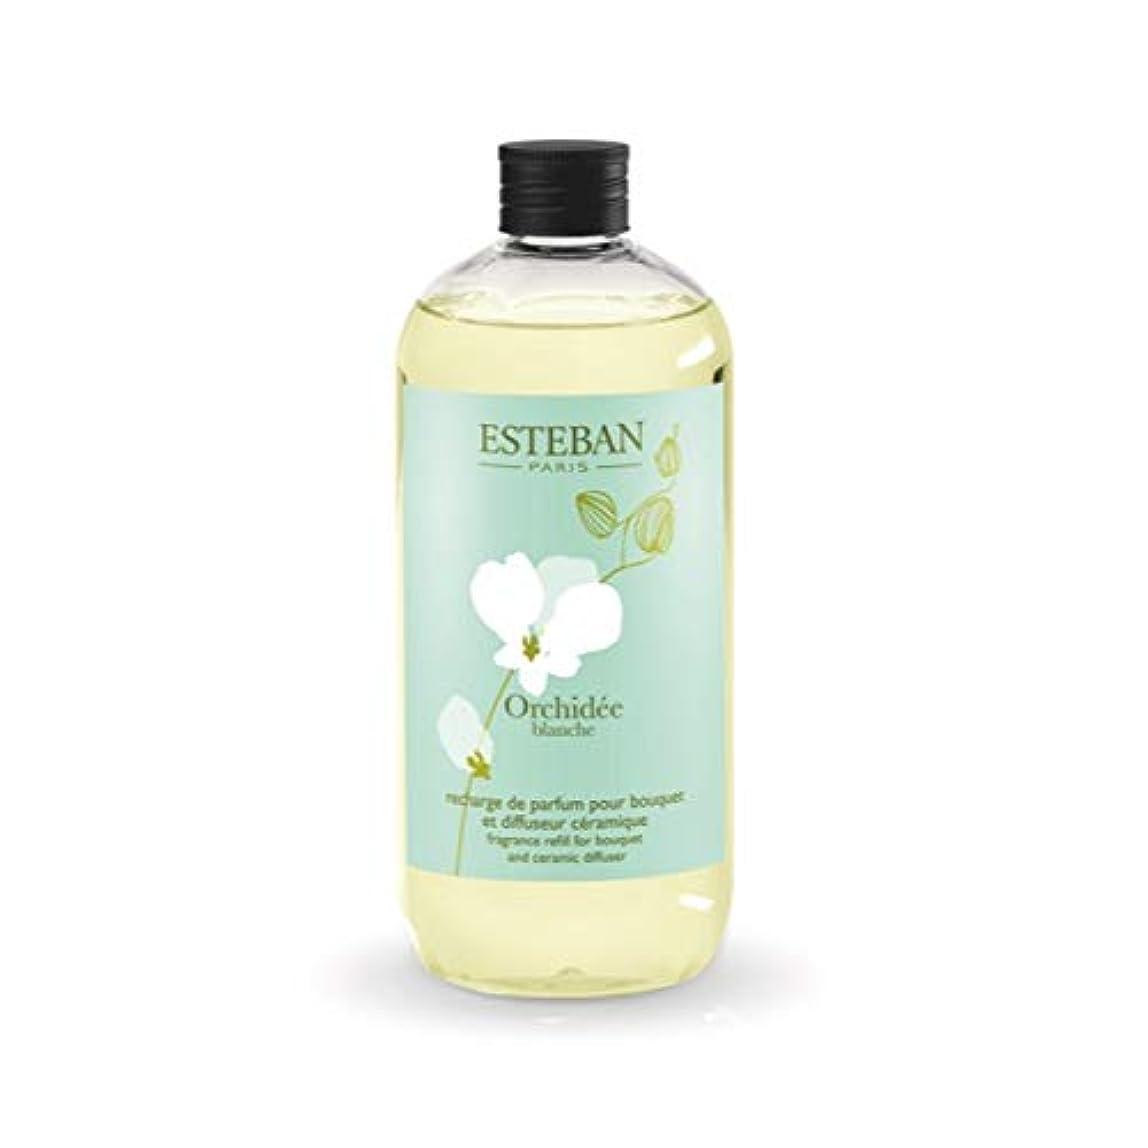 感染するナース望ましいESTEBAN Orchidee blanche(オルキデ ブランシュ) フレグランスリフィル500ml